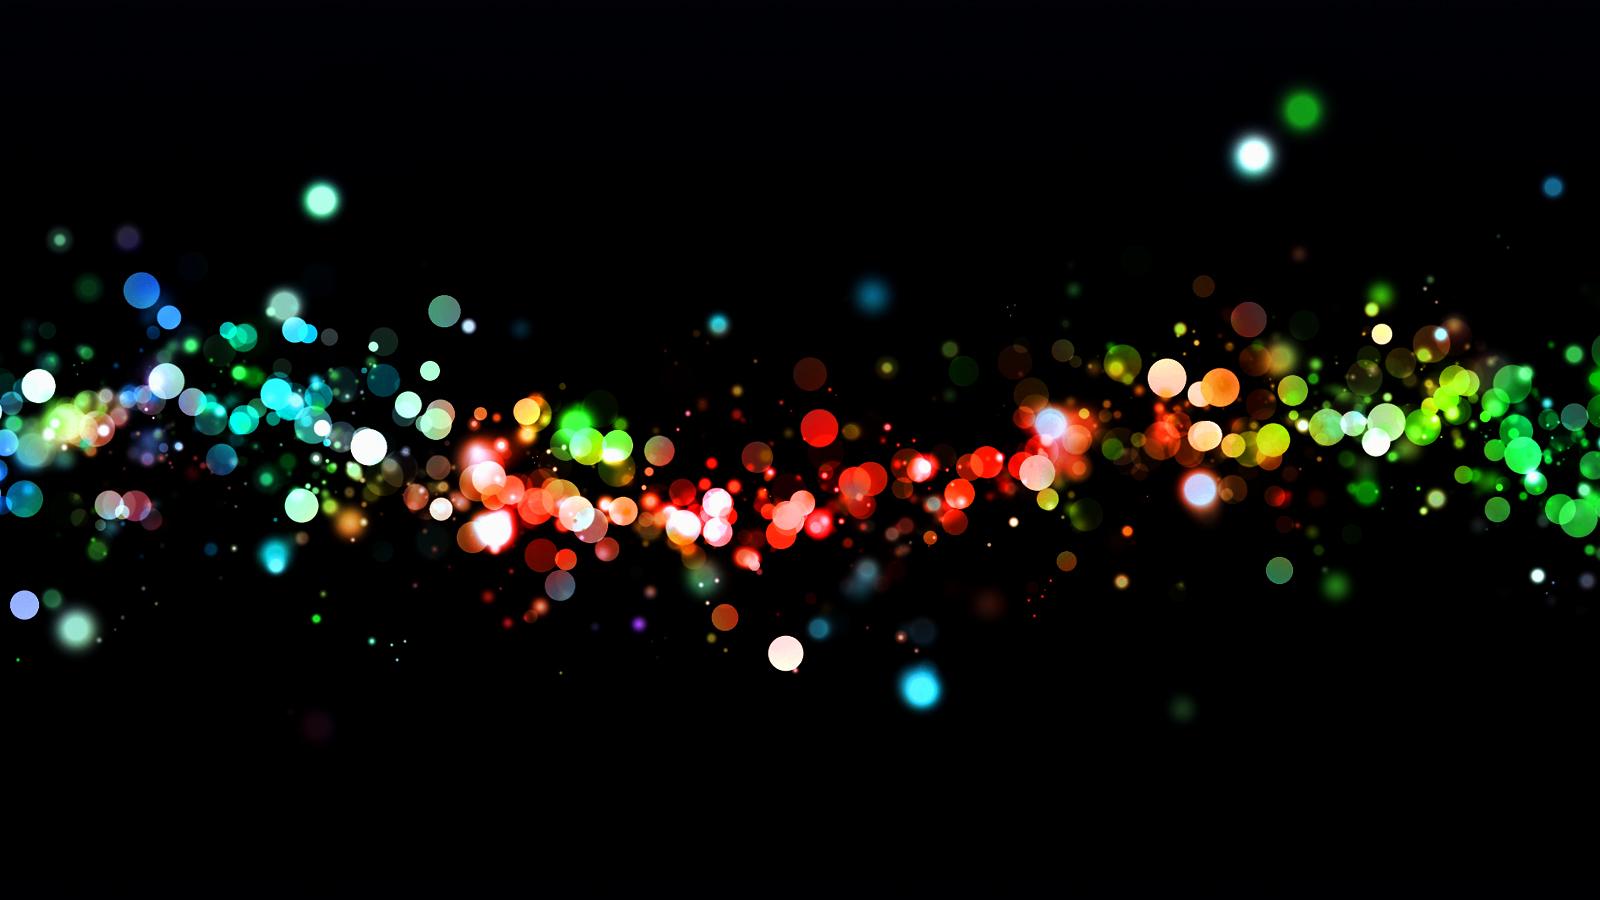 wallpaper: Hd Light Effect Wallpaper